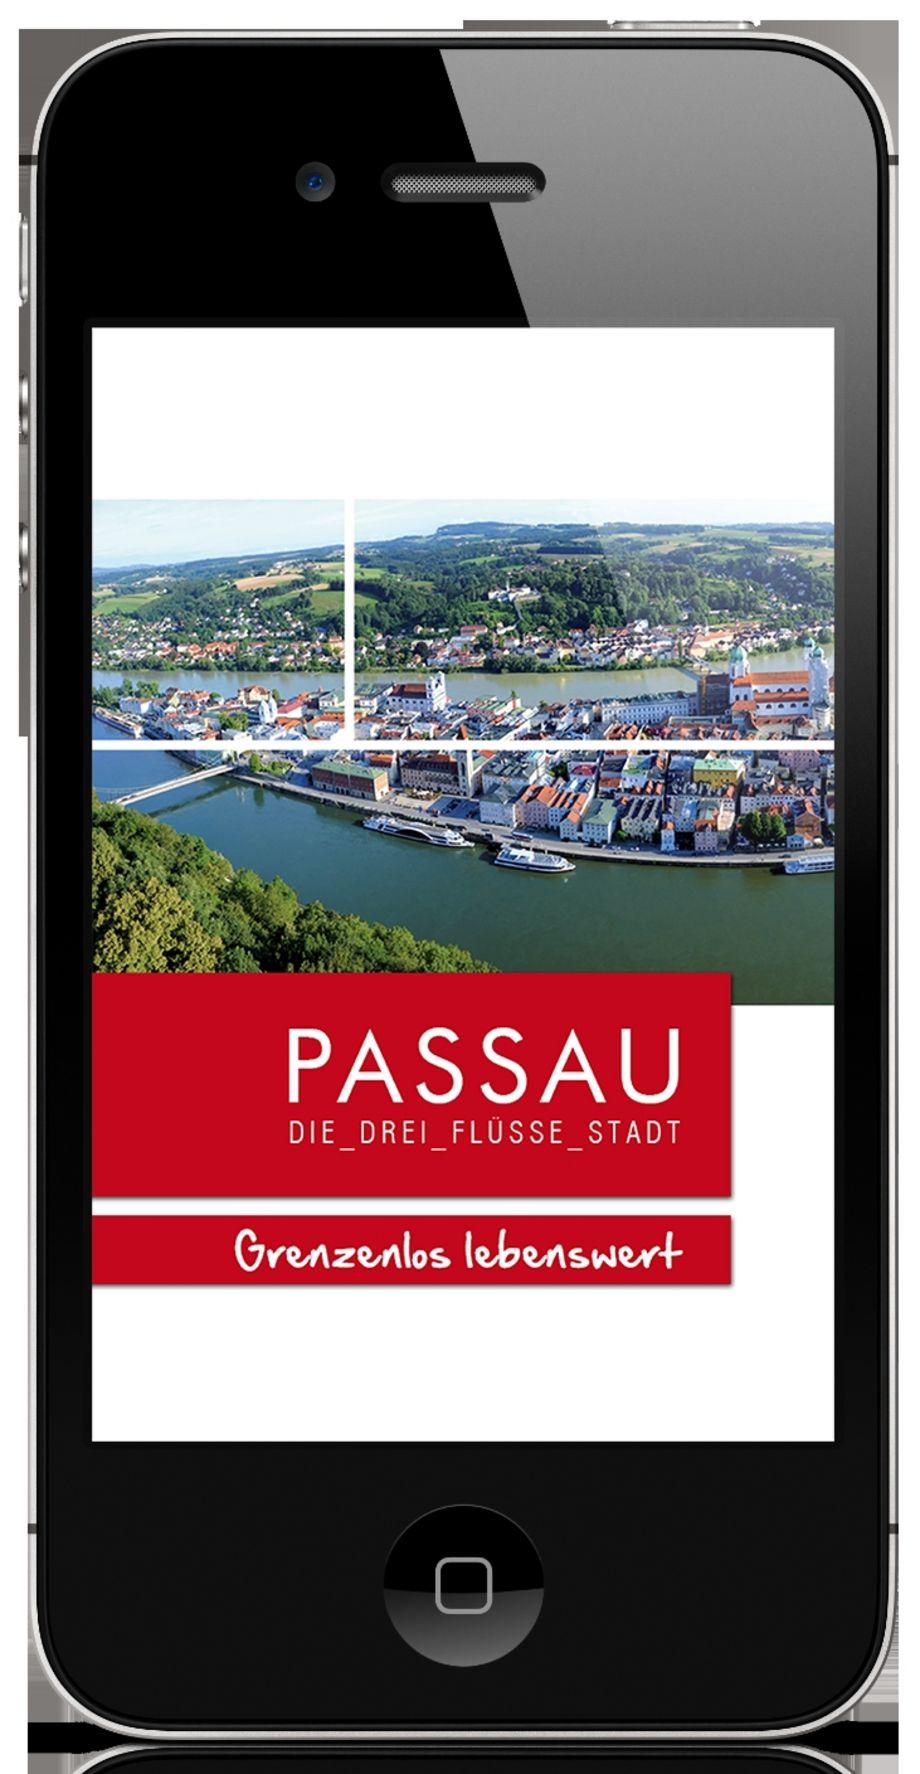 PassauApp: Mobile Anwendung für geo-basierte Informationen